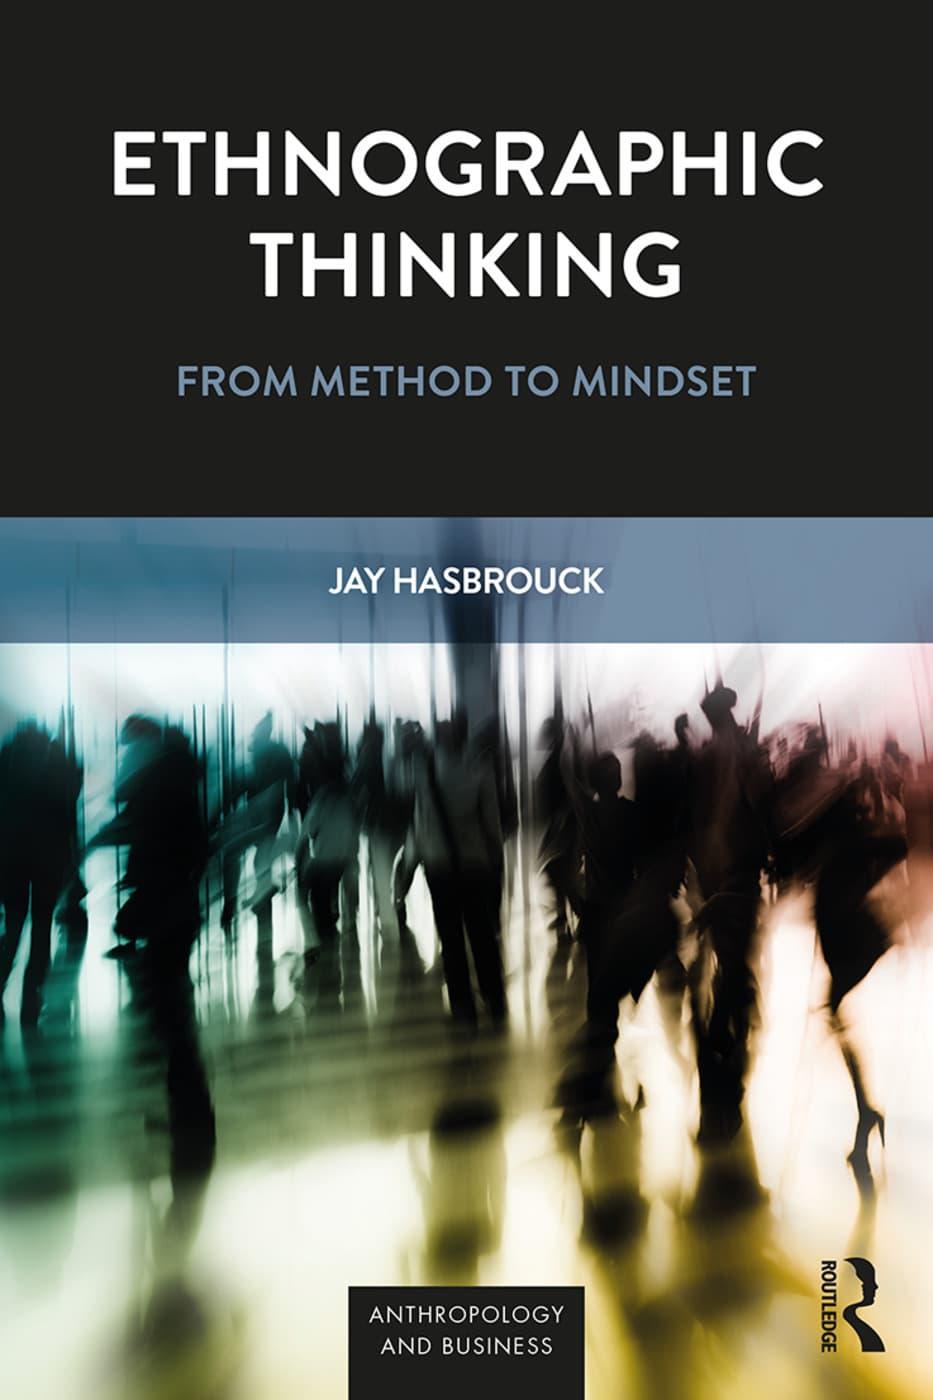 Ethnographic Thinking - From Method to Mindset